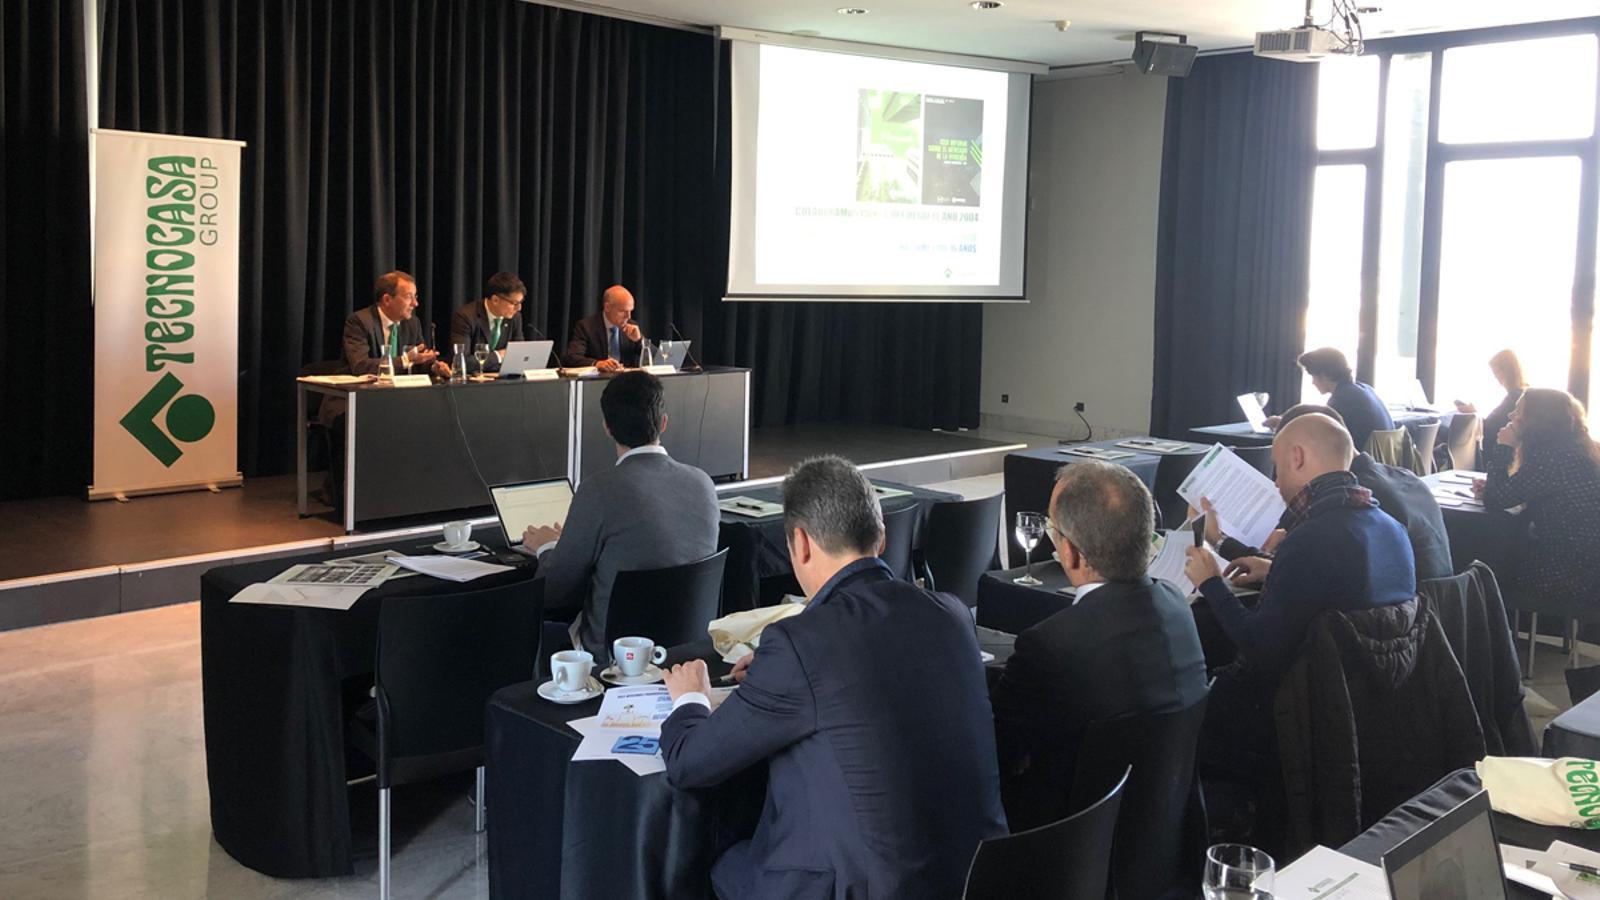 Imatge de la presentació de l'informe.